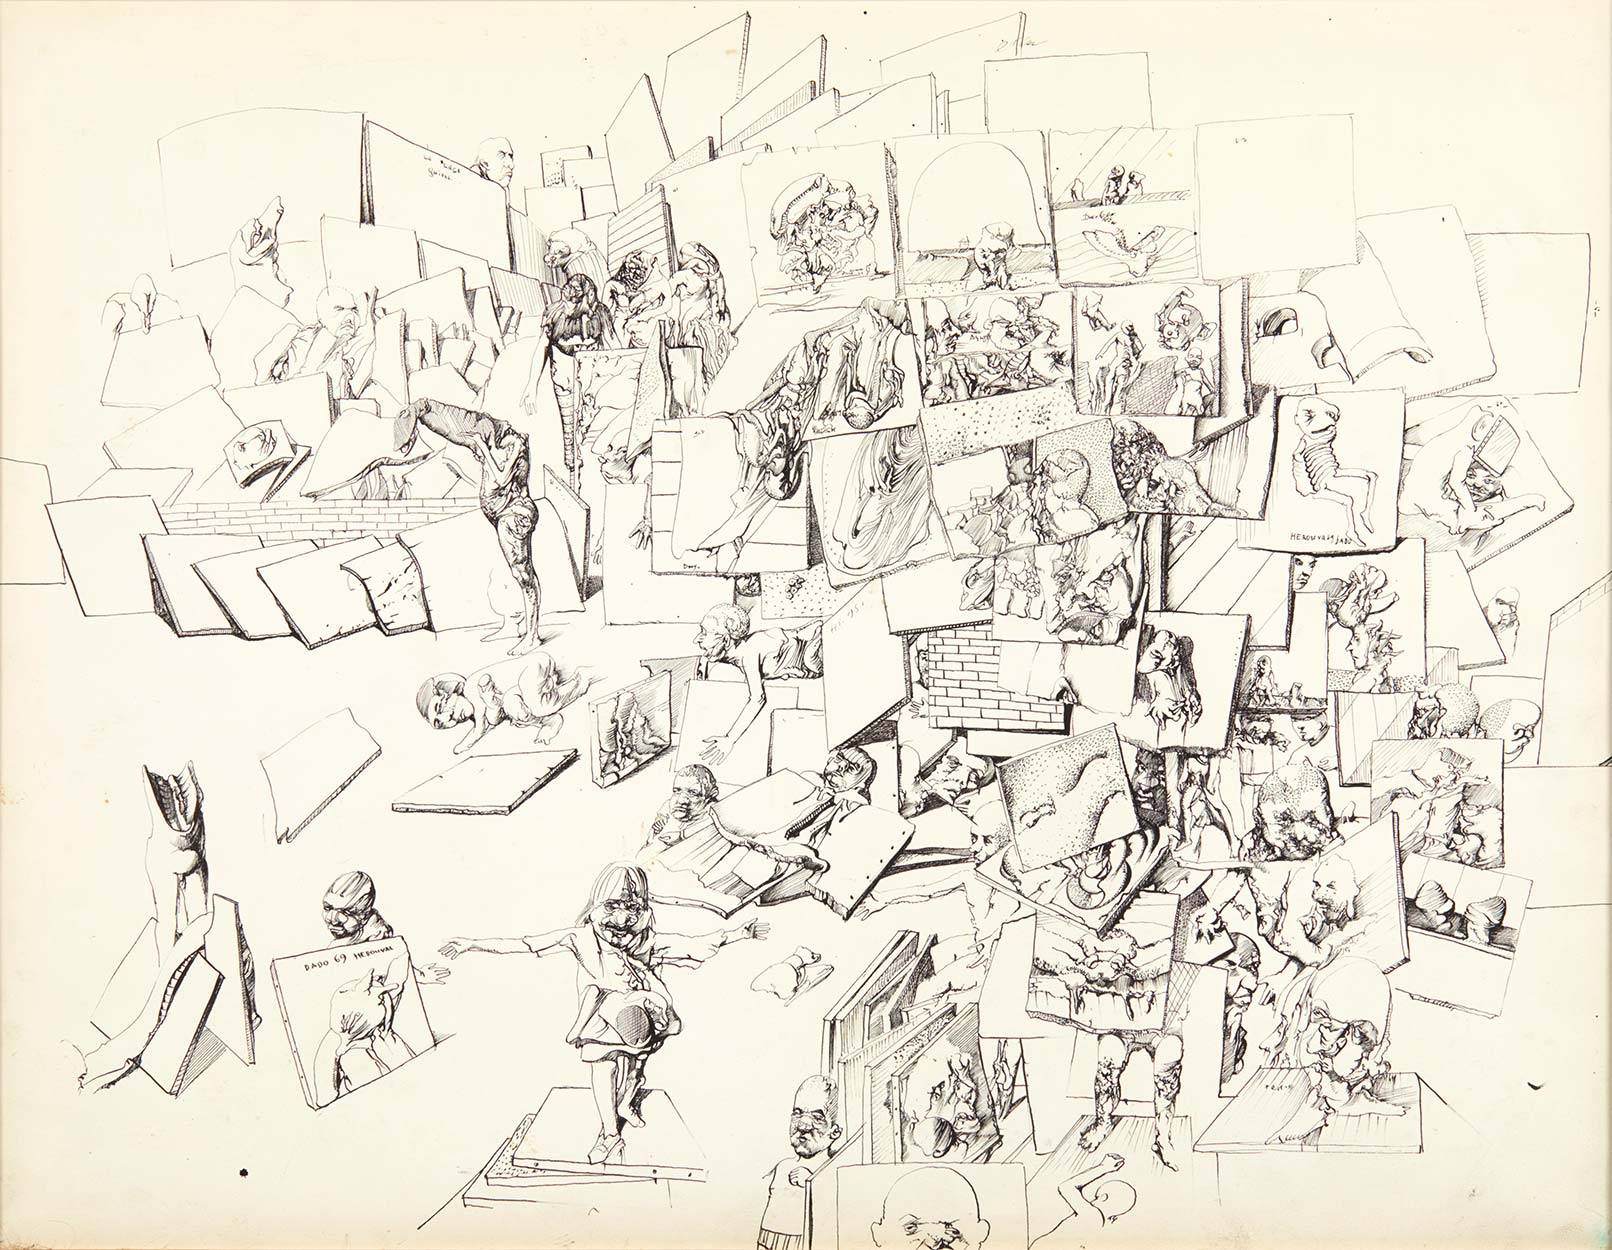 Gallery of Ancestors, 1969